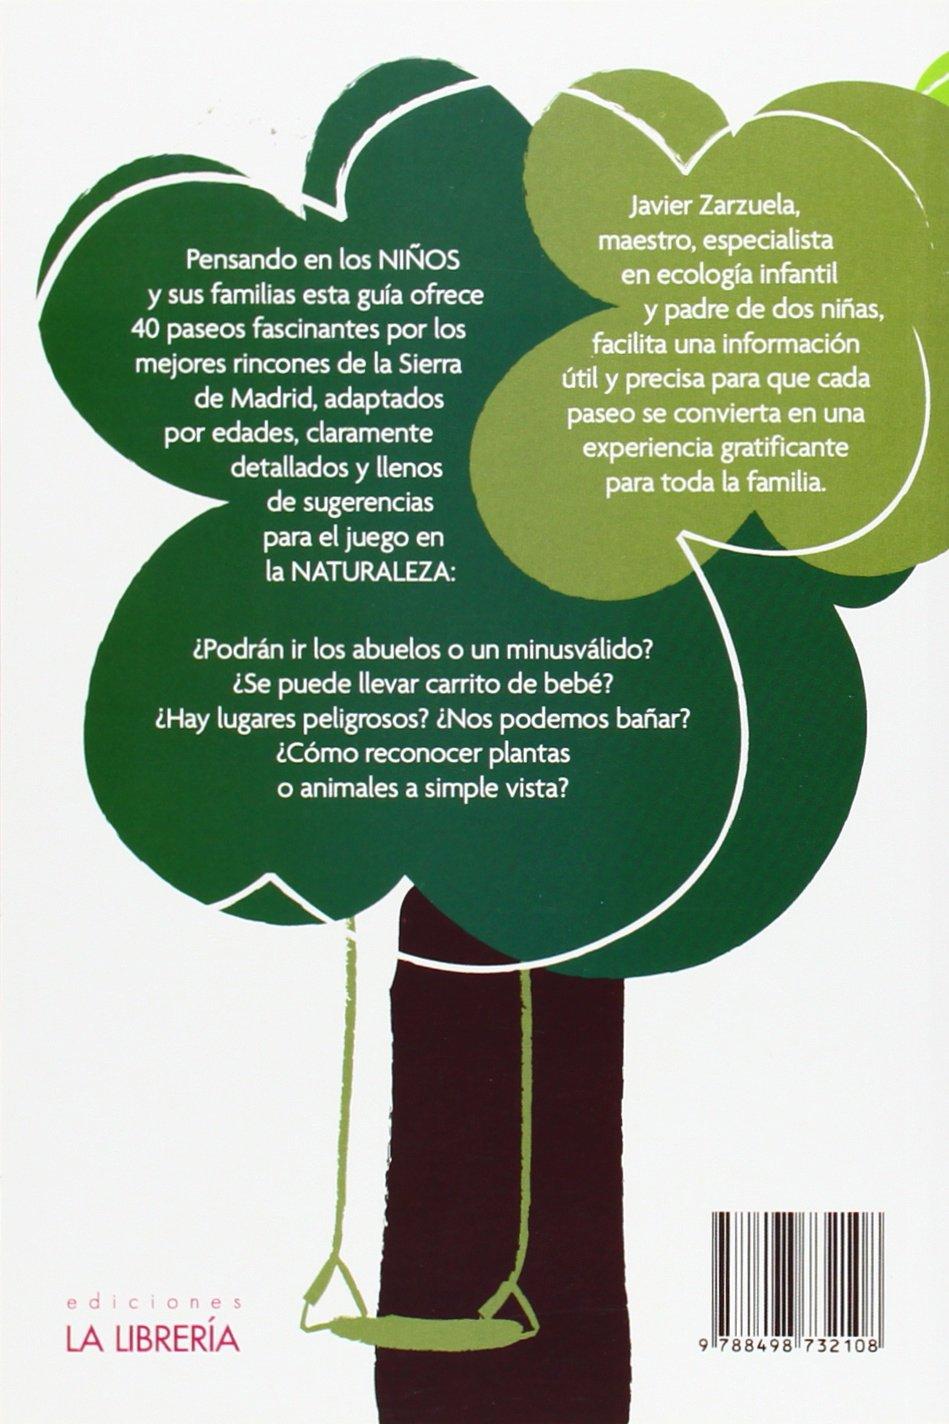 Excursiones para niños por la sierra de Madrid: Javier Zarzuela Aragón: 9788498732108: Amazon.com: Books